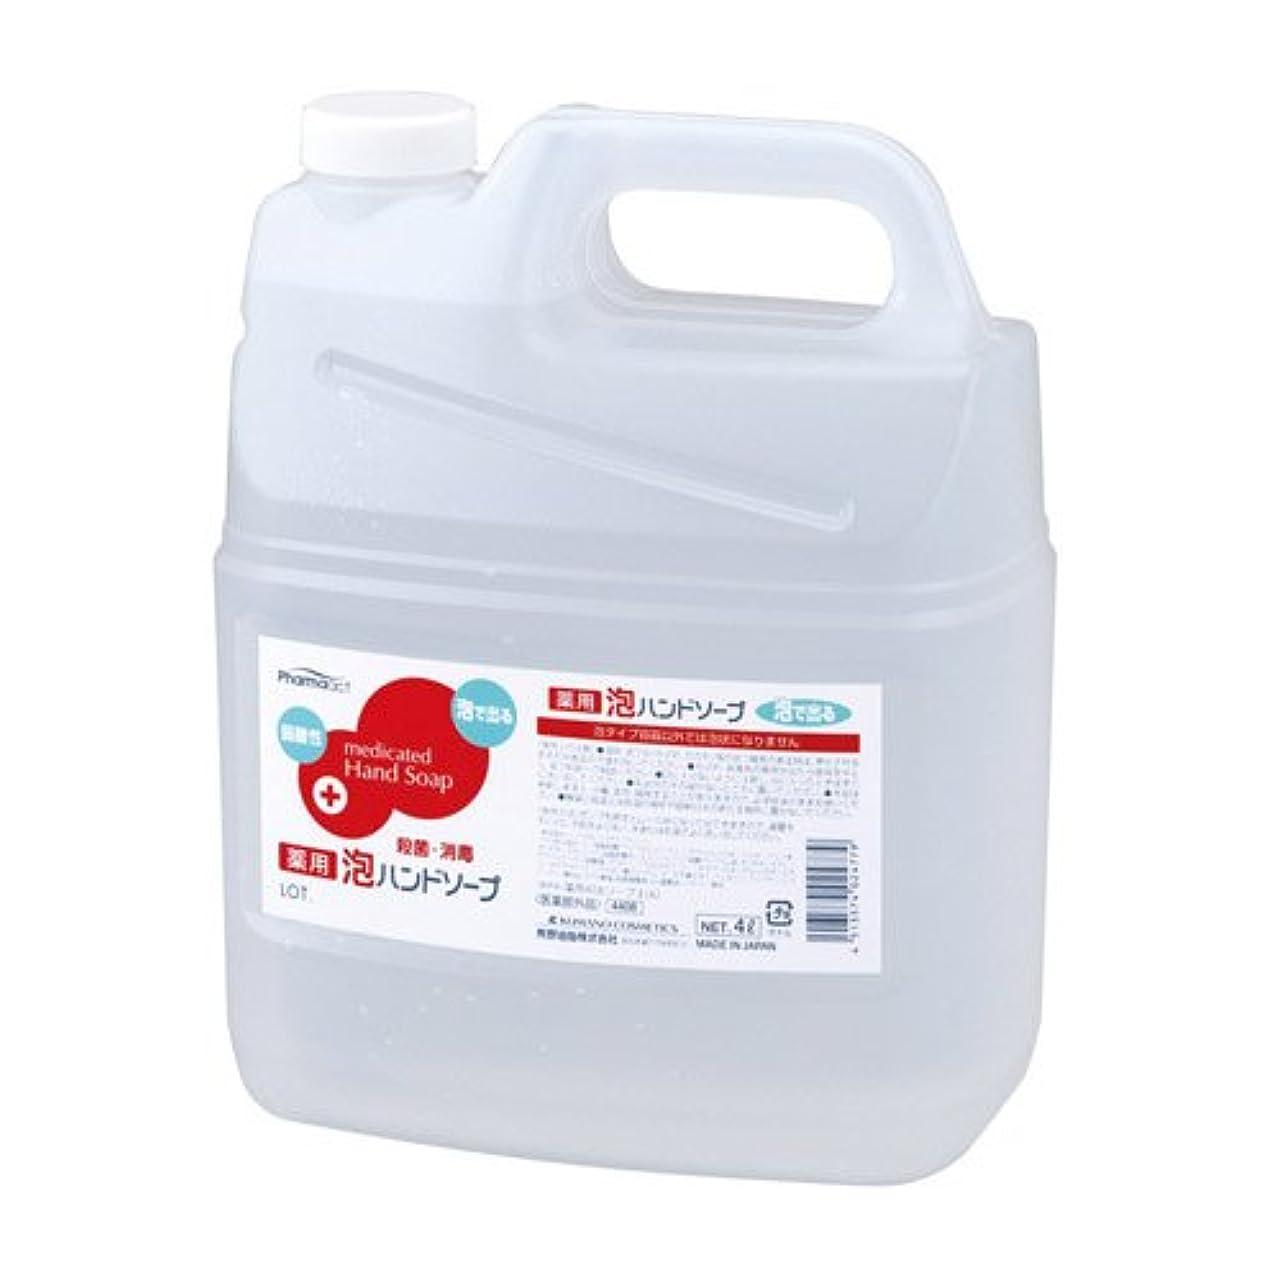 支援する自分自身強化ファーマアクト 薬用 泡ハンドソープ 業務用 4L 【医薬部外品】